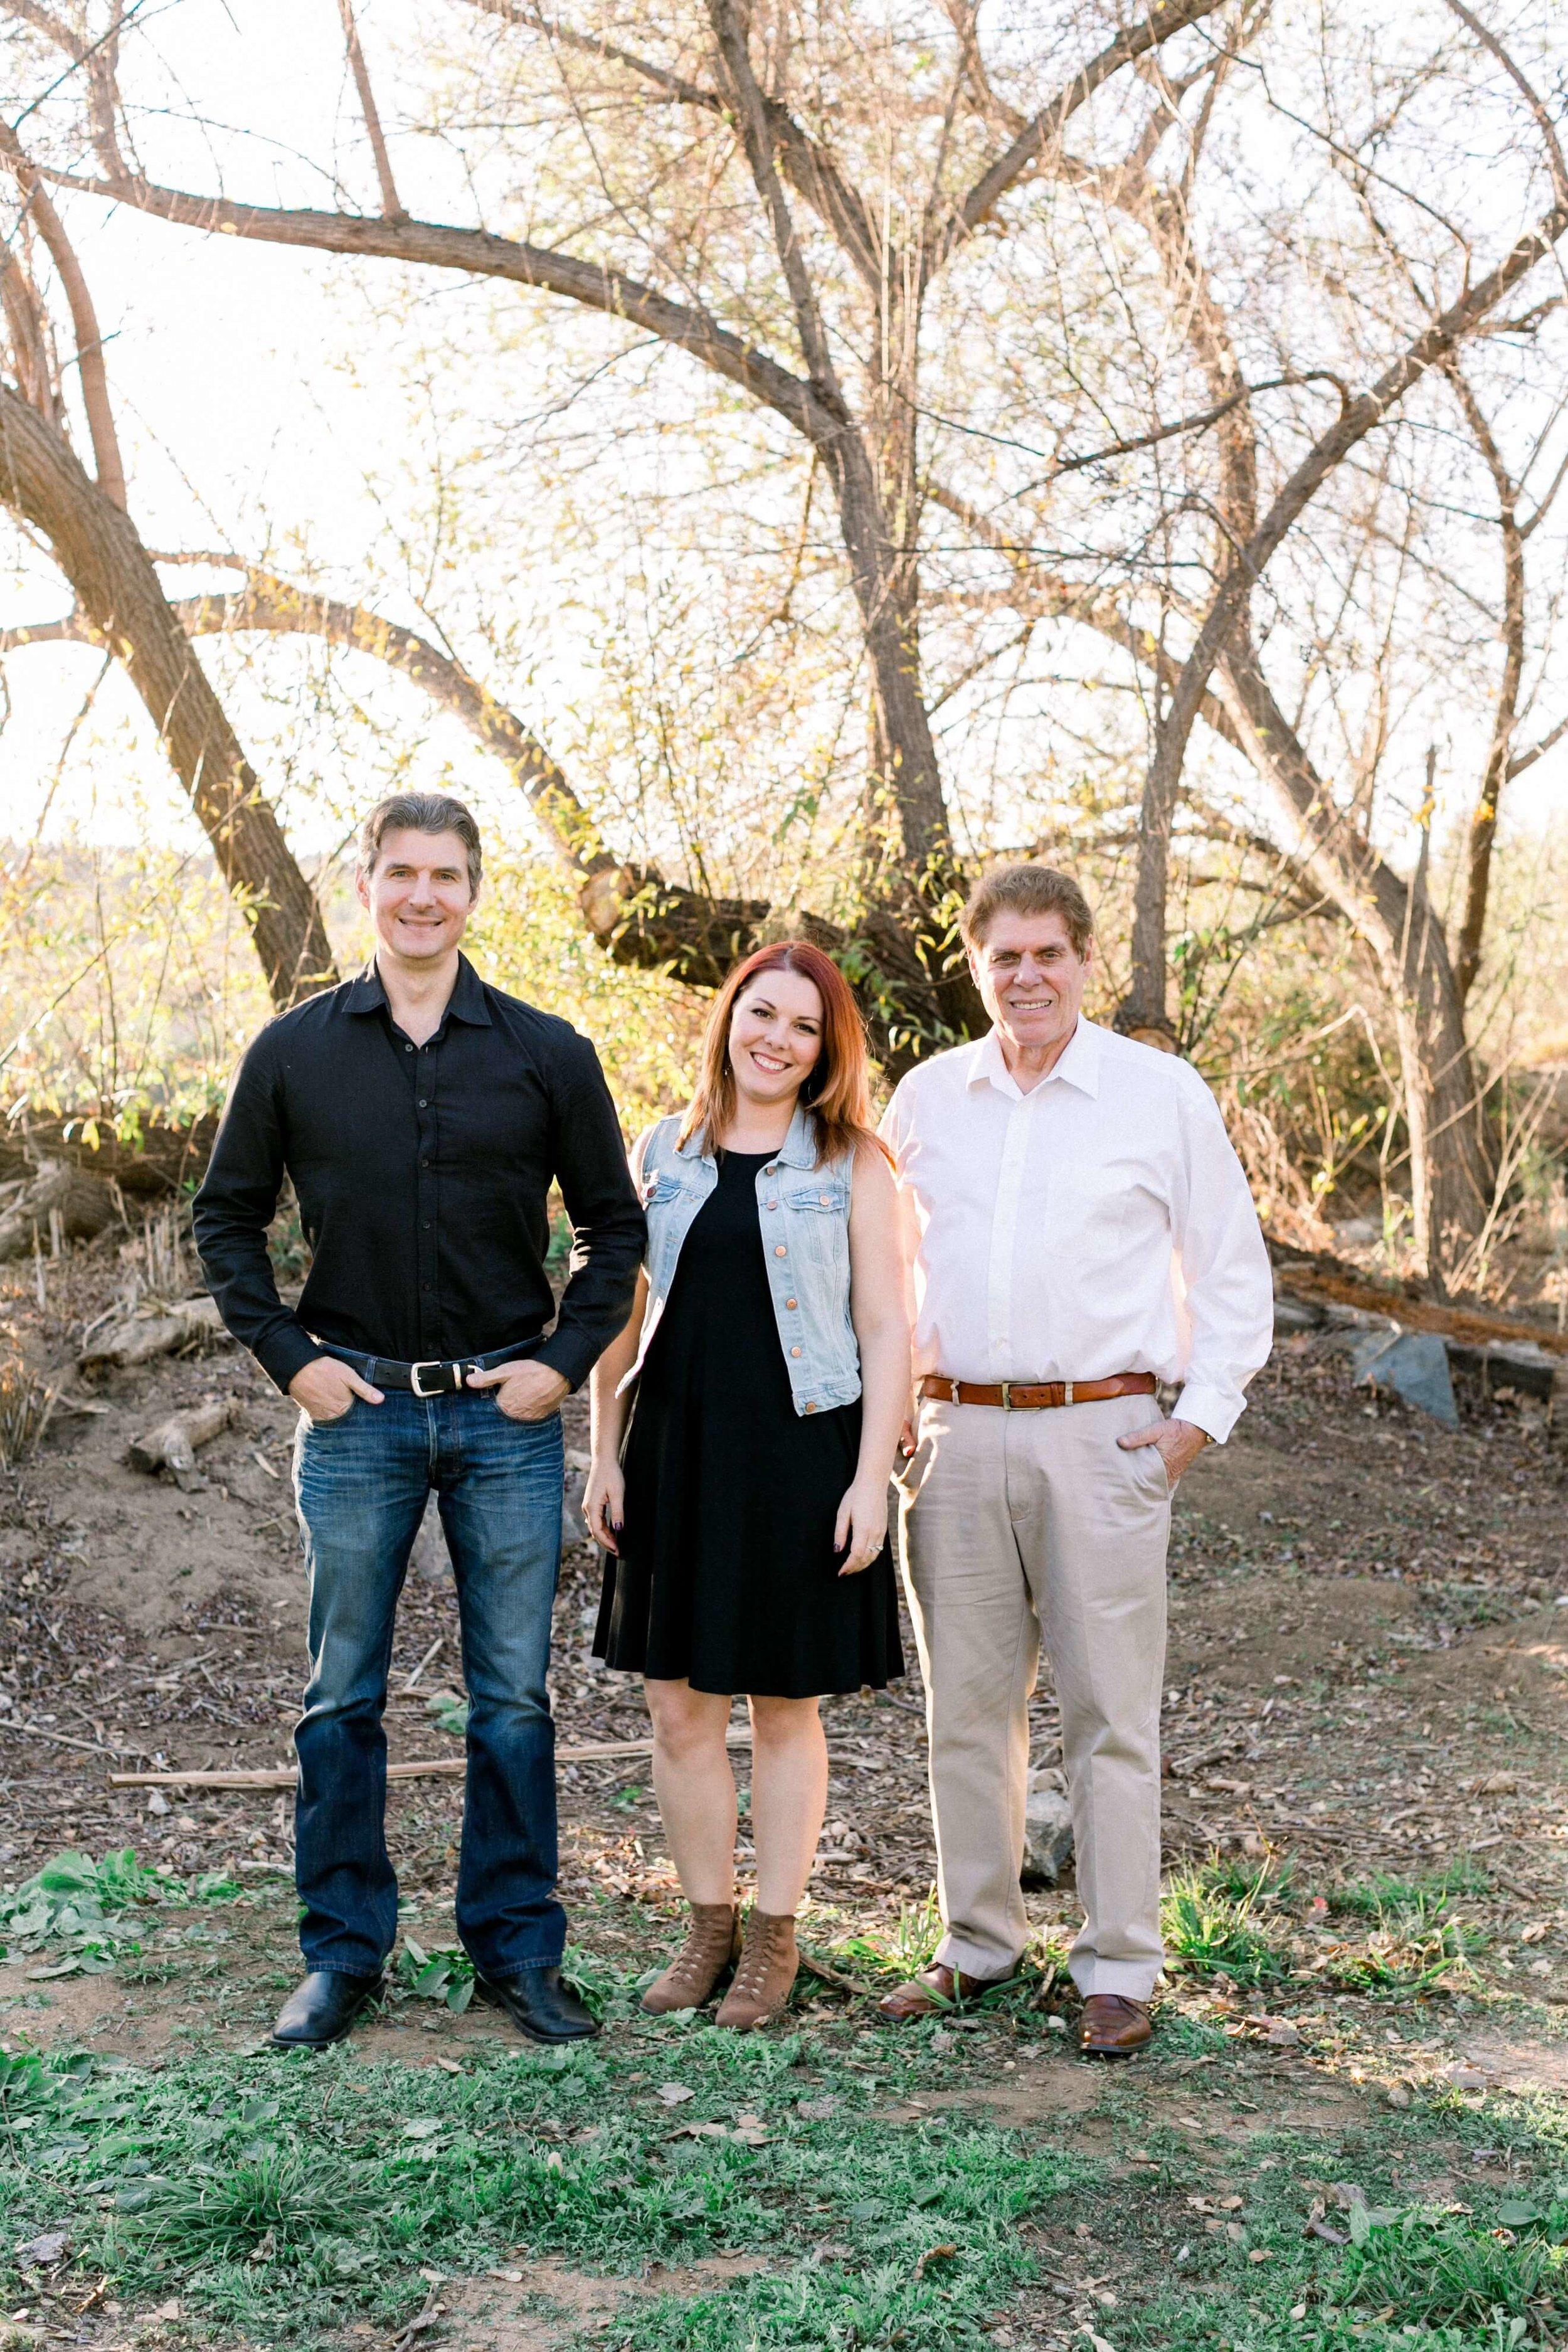 Steve Jr., Caitlyn, and Steve Sr.